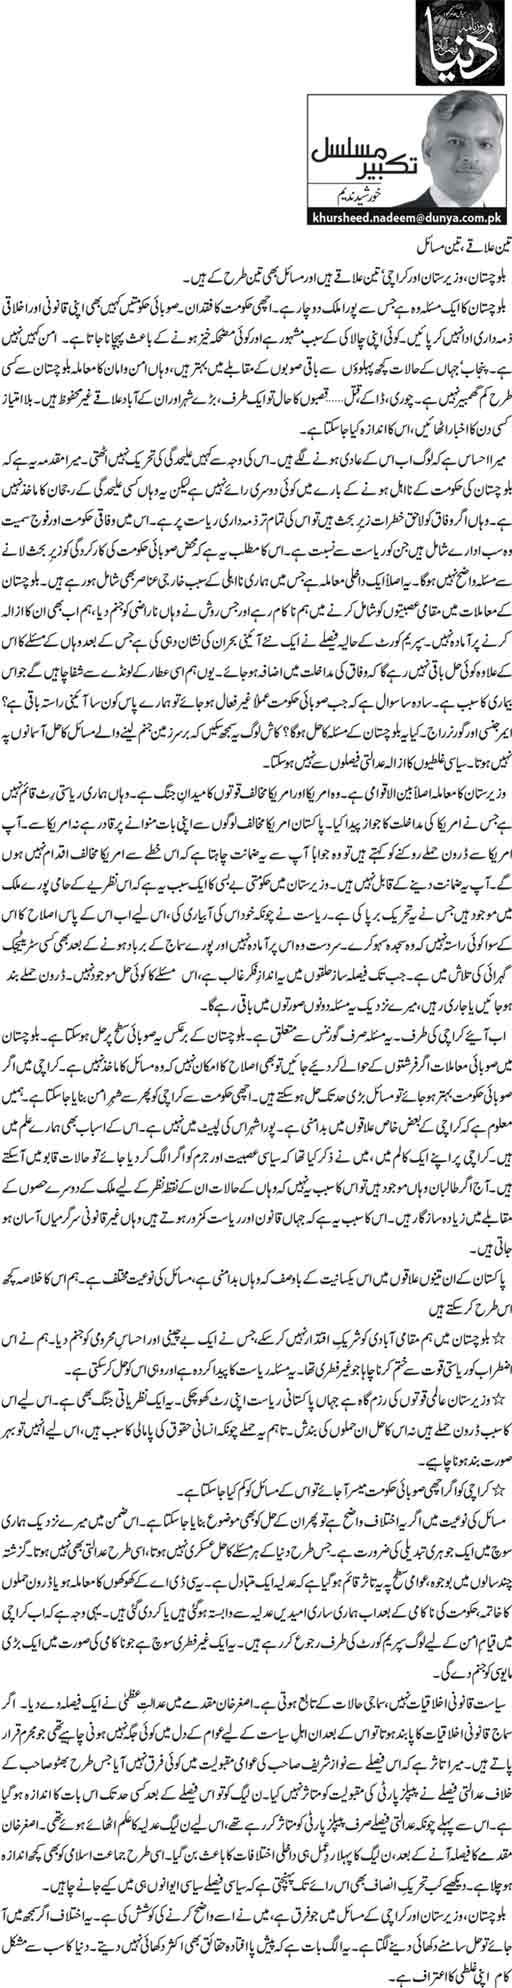 Teen ilakay, teen masail - Khursheed Nadeem